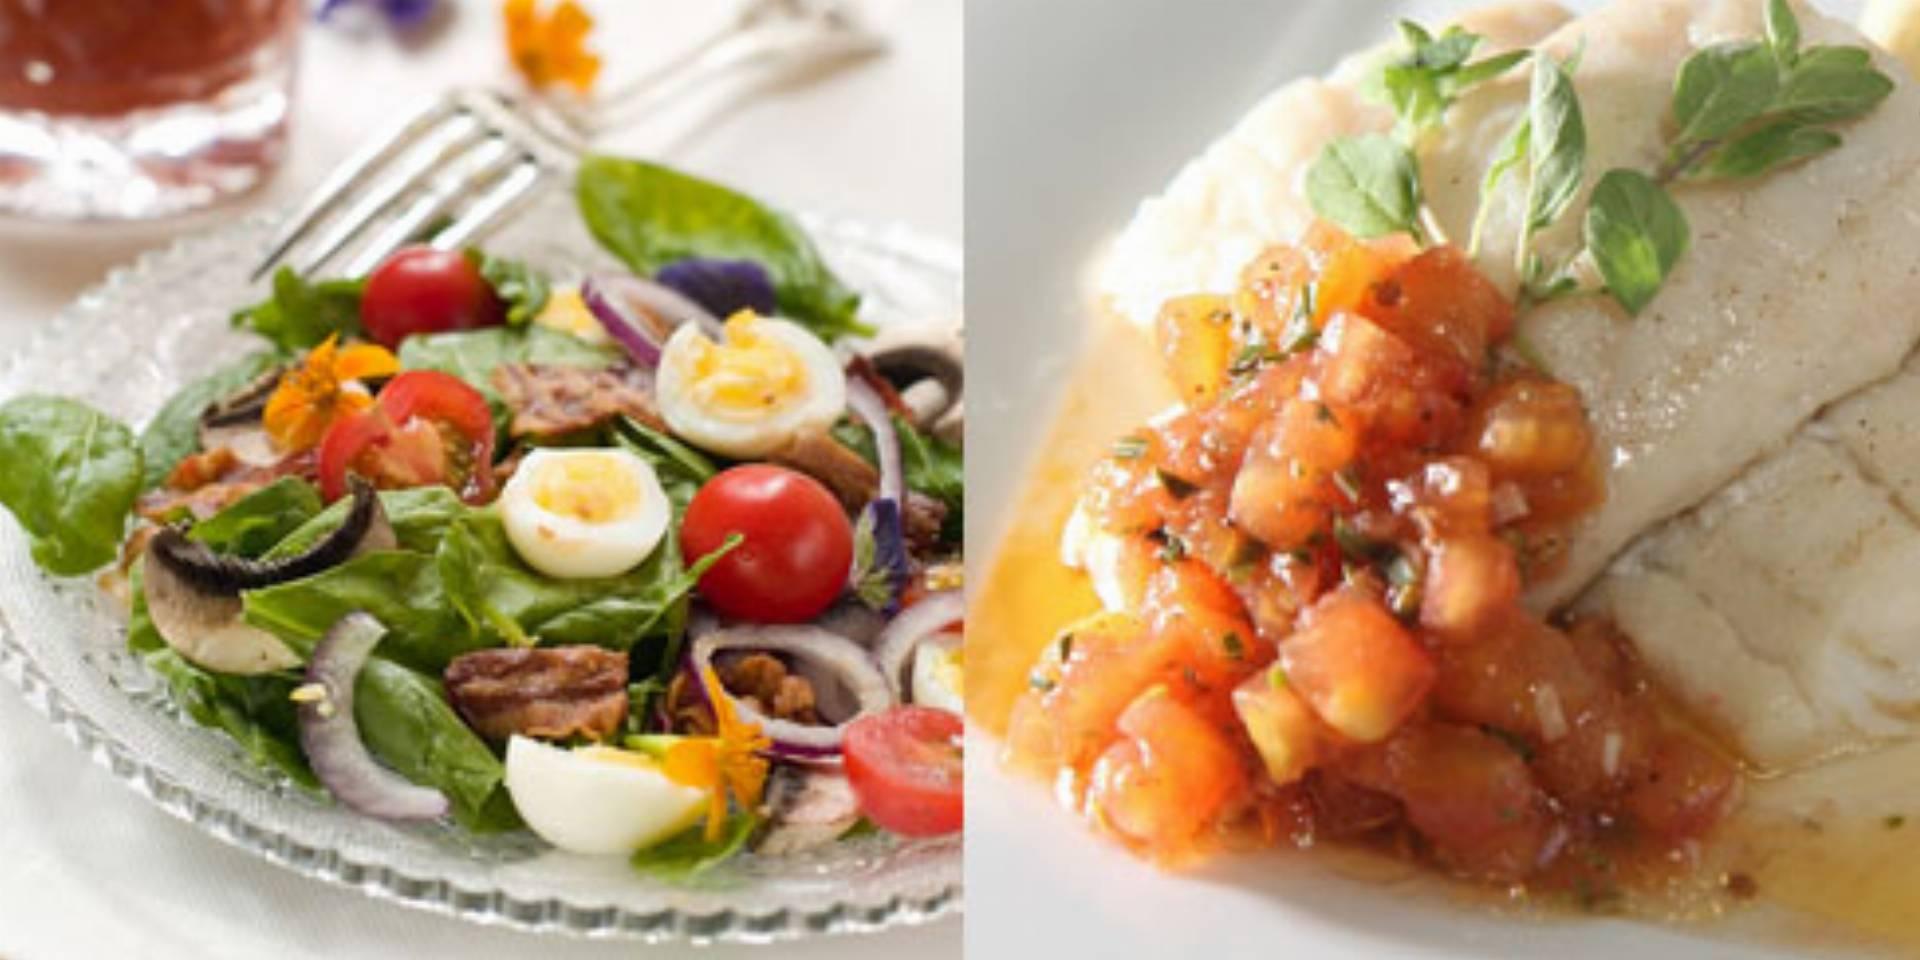 Przepisy Dietetyczne Na Swiateczne Potrawy Cuswijdbina Ga